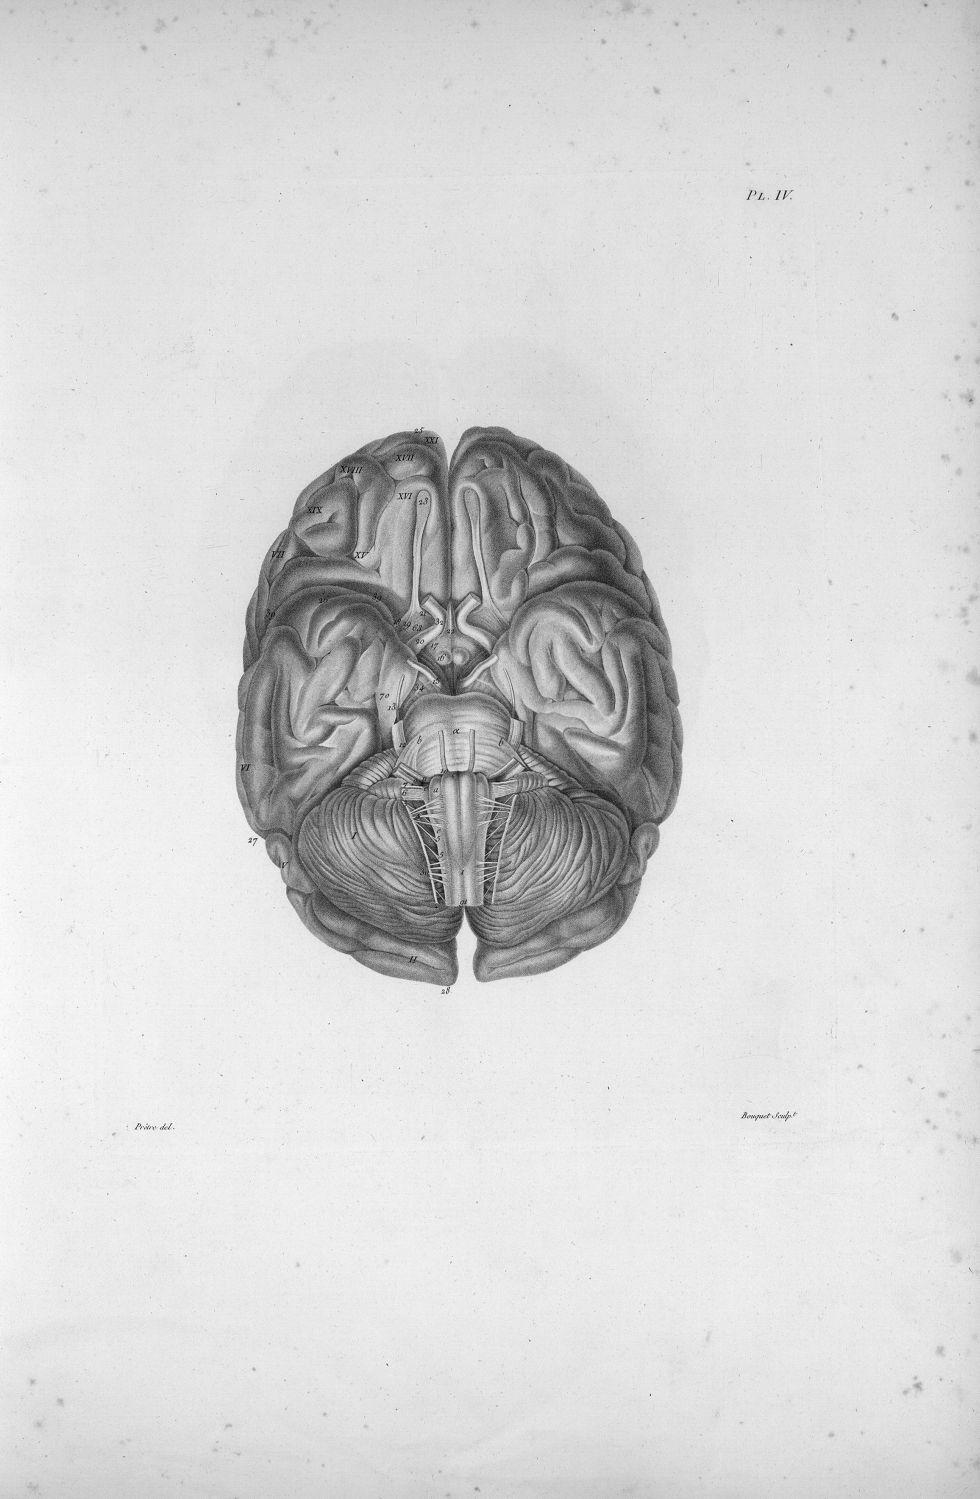 Pl. IV. Base d'un cerveau de femme - Anatomie et physiologie du système nerveux en général et du cer [...] - Anatomie. Neurologie. Cerveaux (têtes). 19e siècle (France) - med00575xatlasx0014